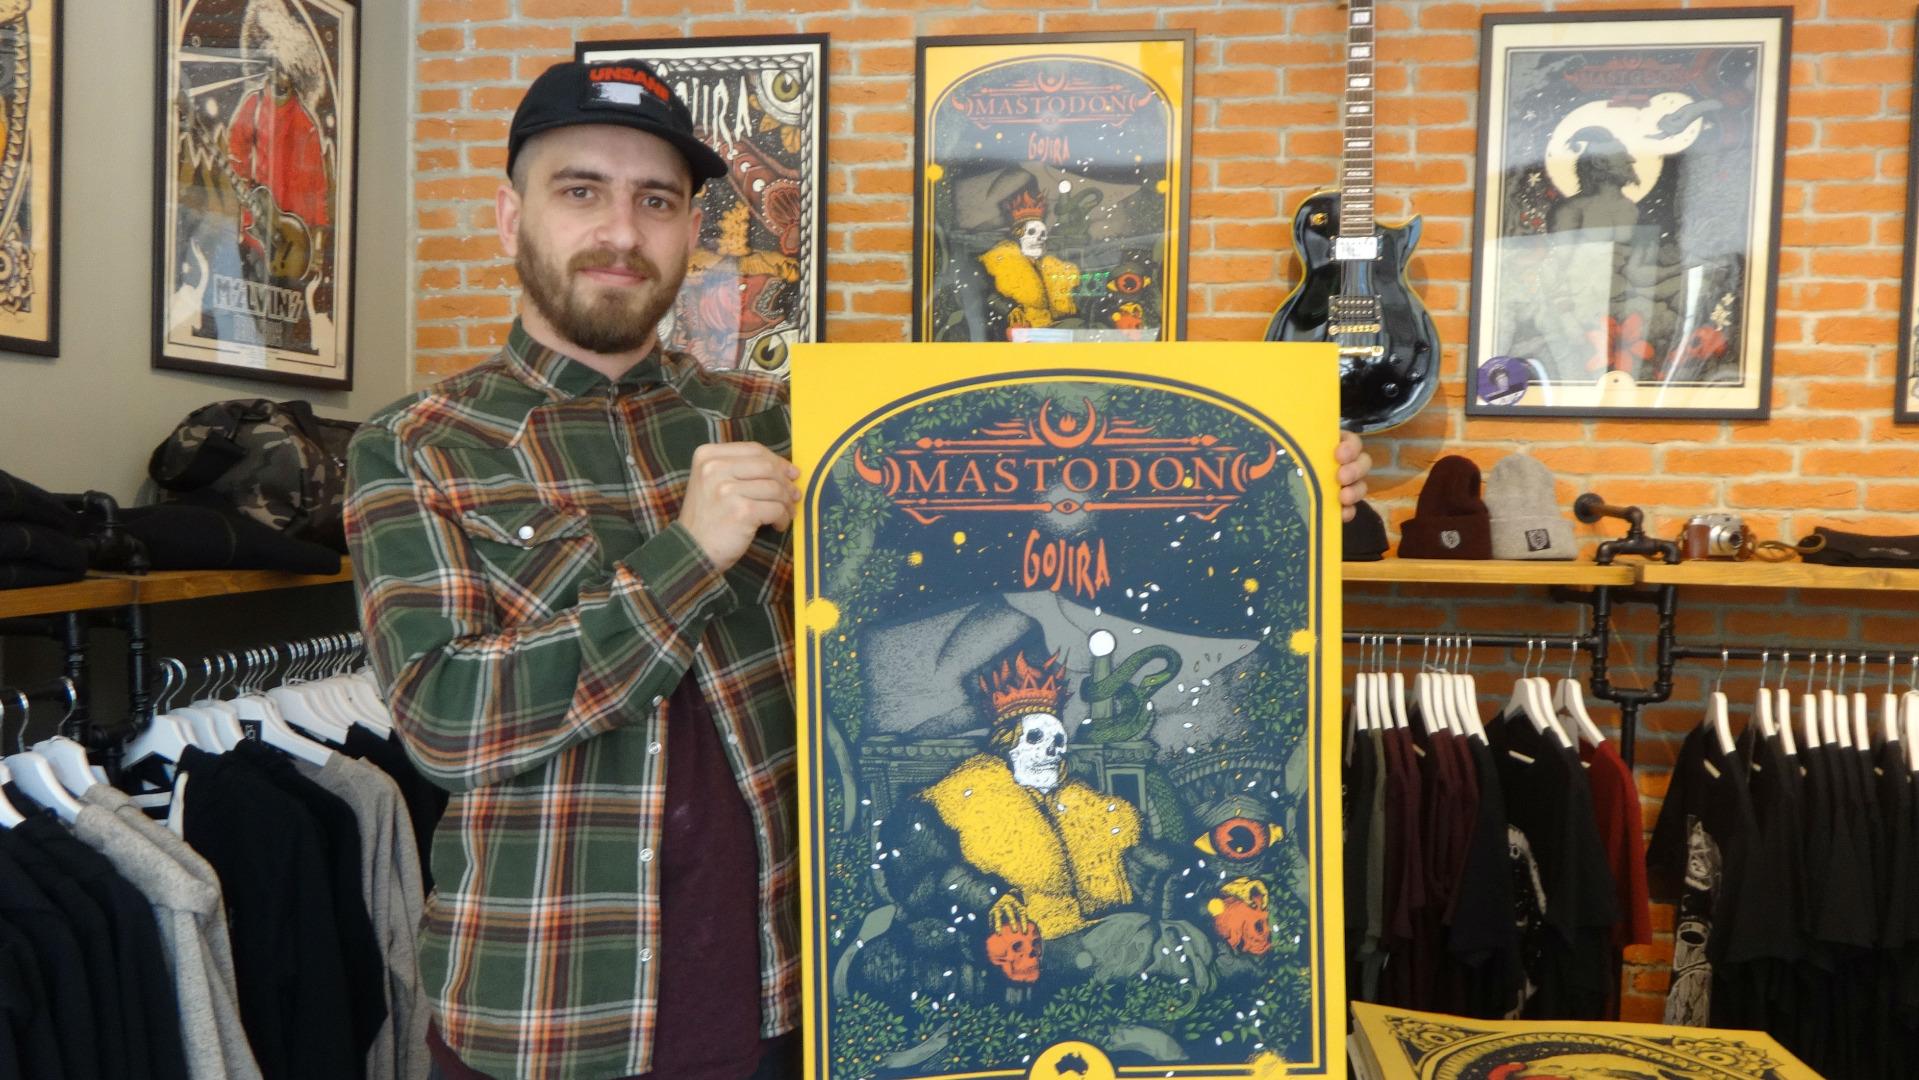 Дидо Пешев позира с плаката, който е нарисувал за концерти на Mastodon